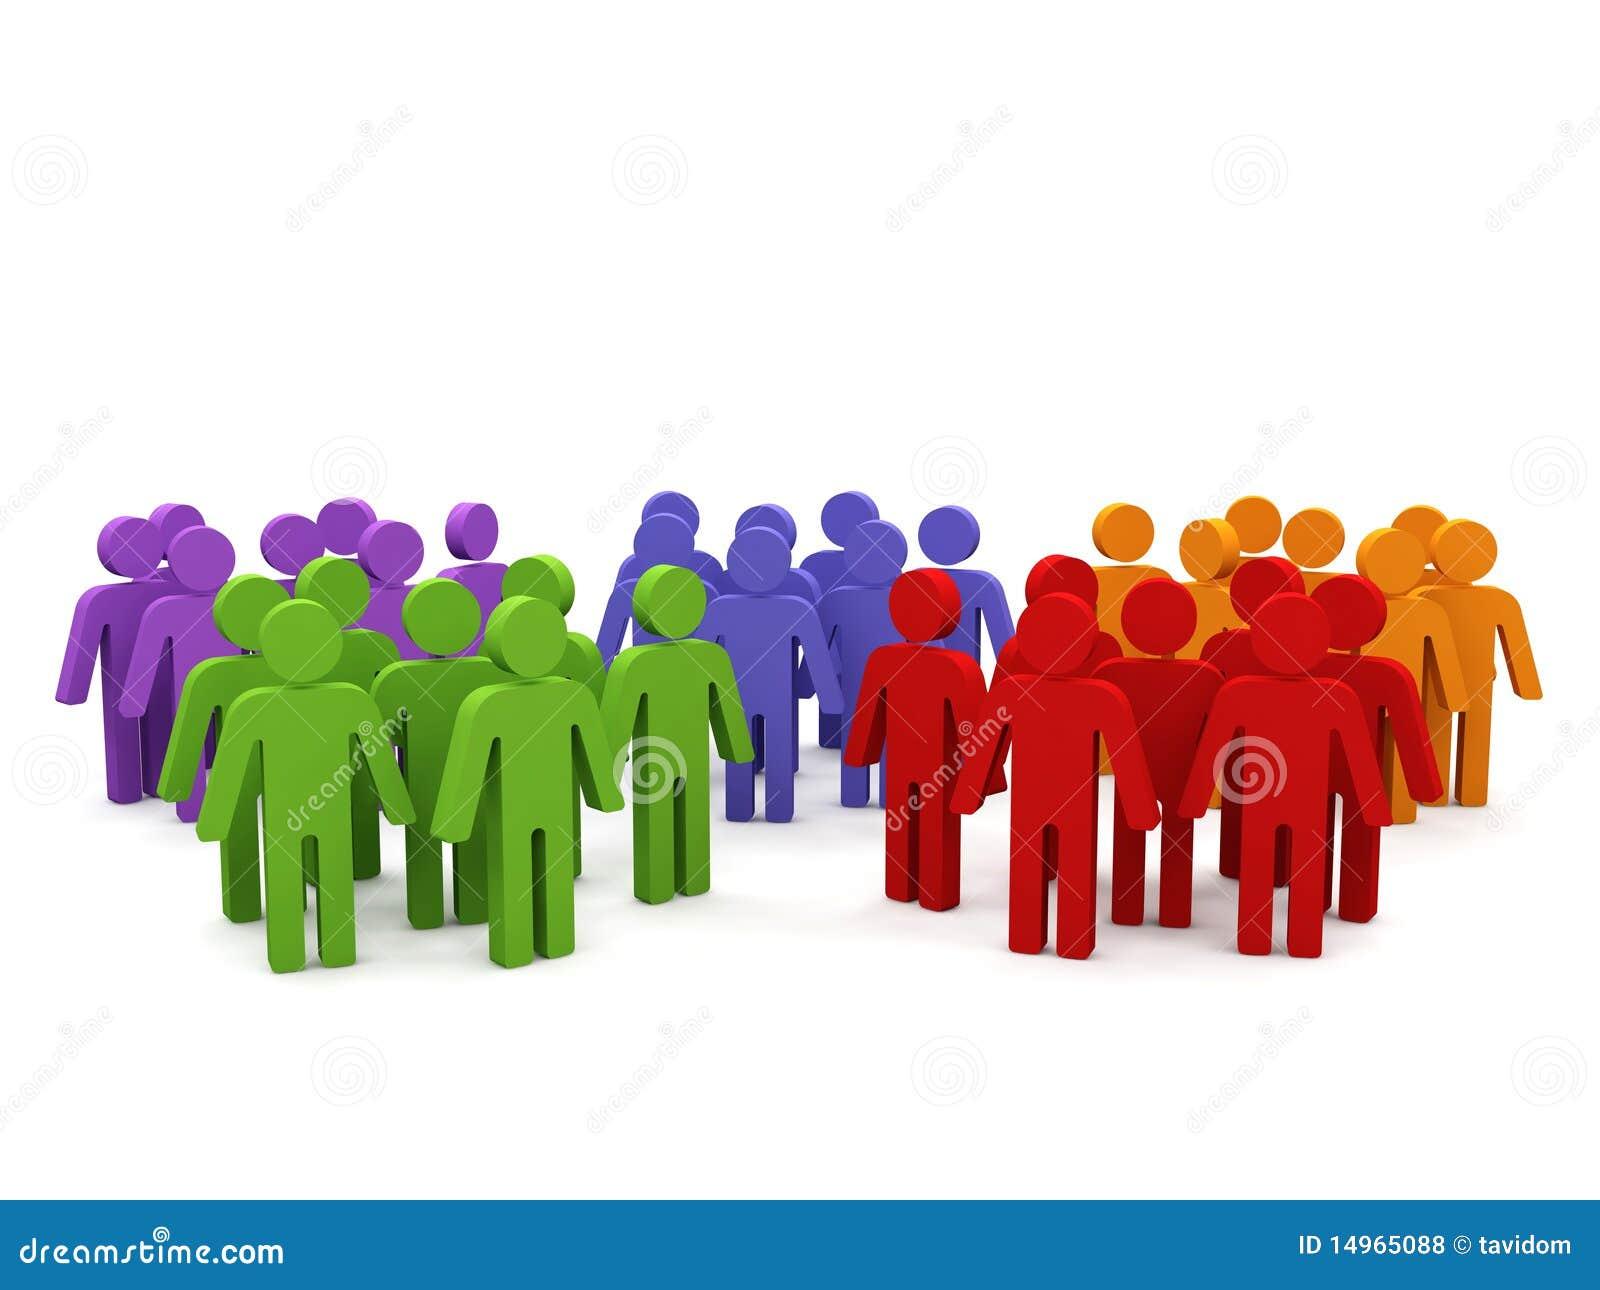 Gruppen von Personen.